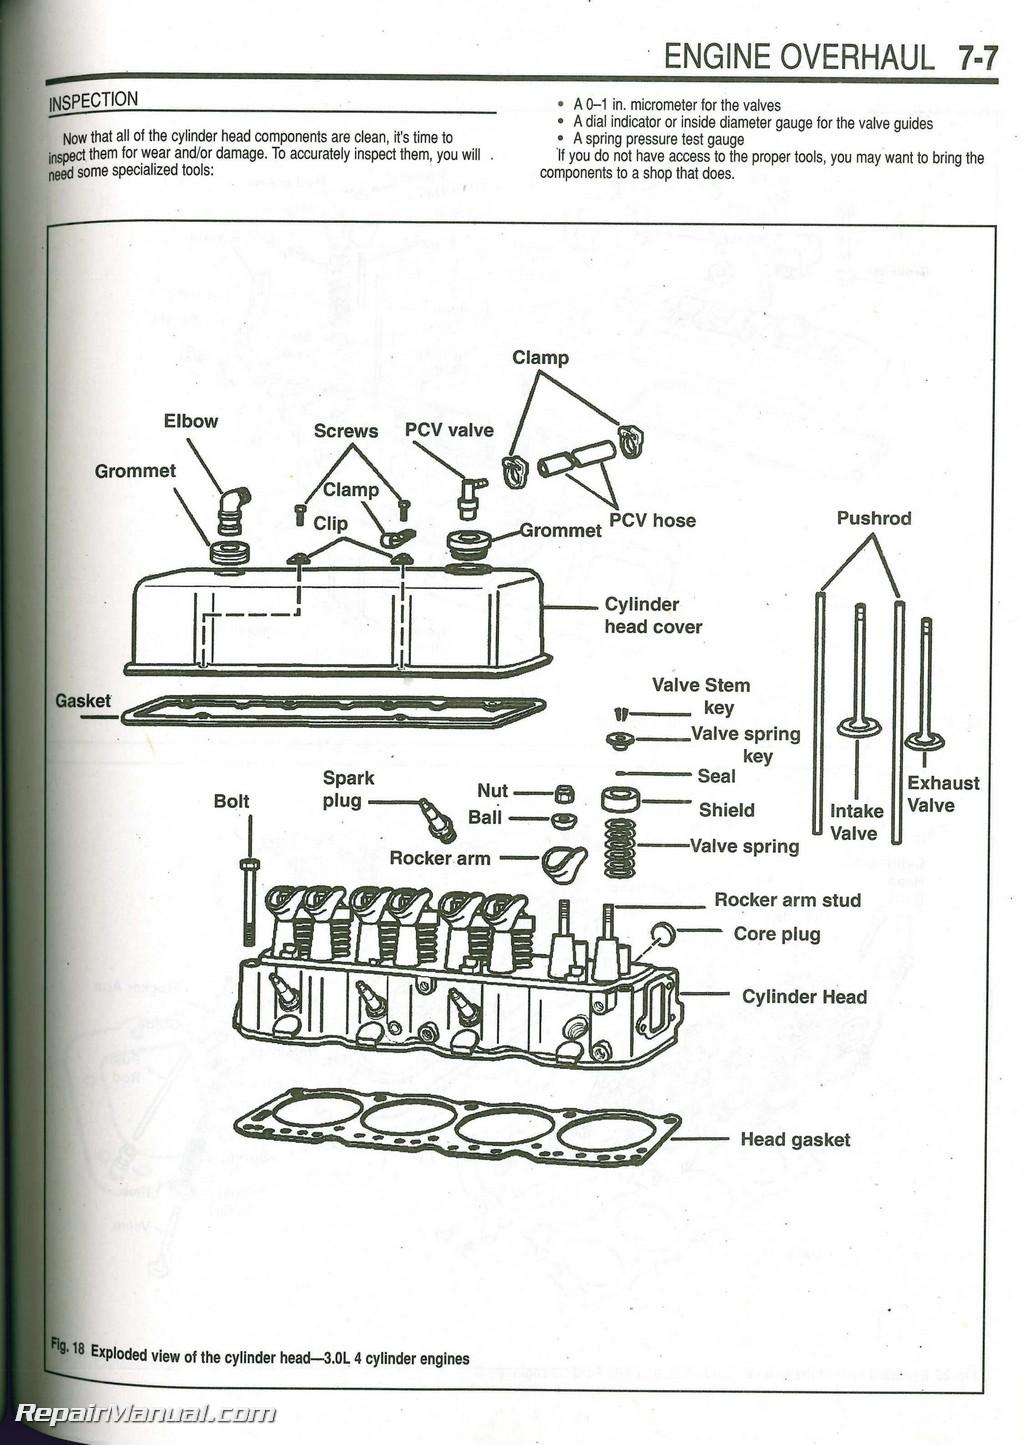 boat wiring diagrams manuals 2000 jeep cherokee sport radio diagram omc cobra stern drive engine repair manual 1986 1998